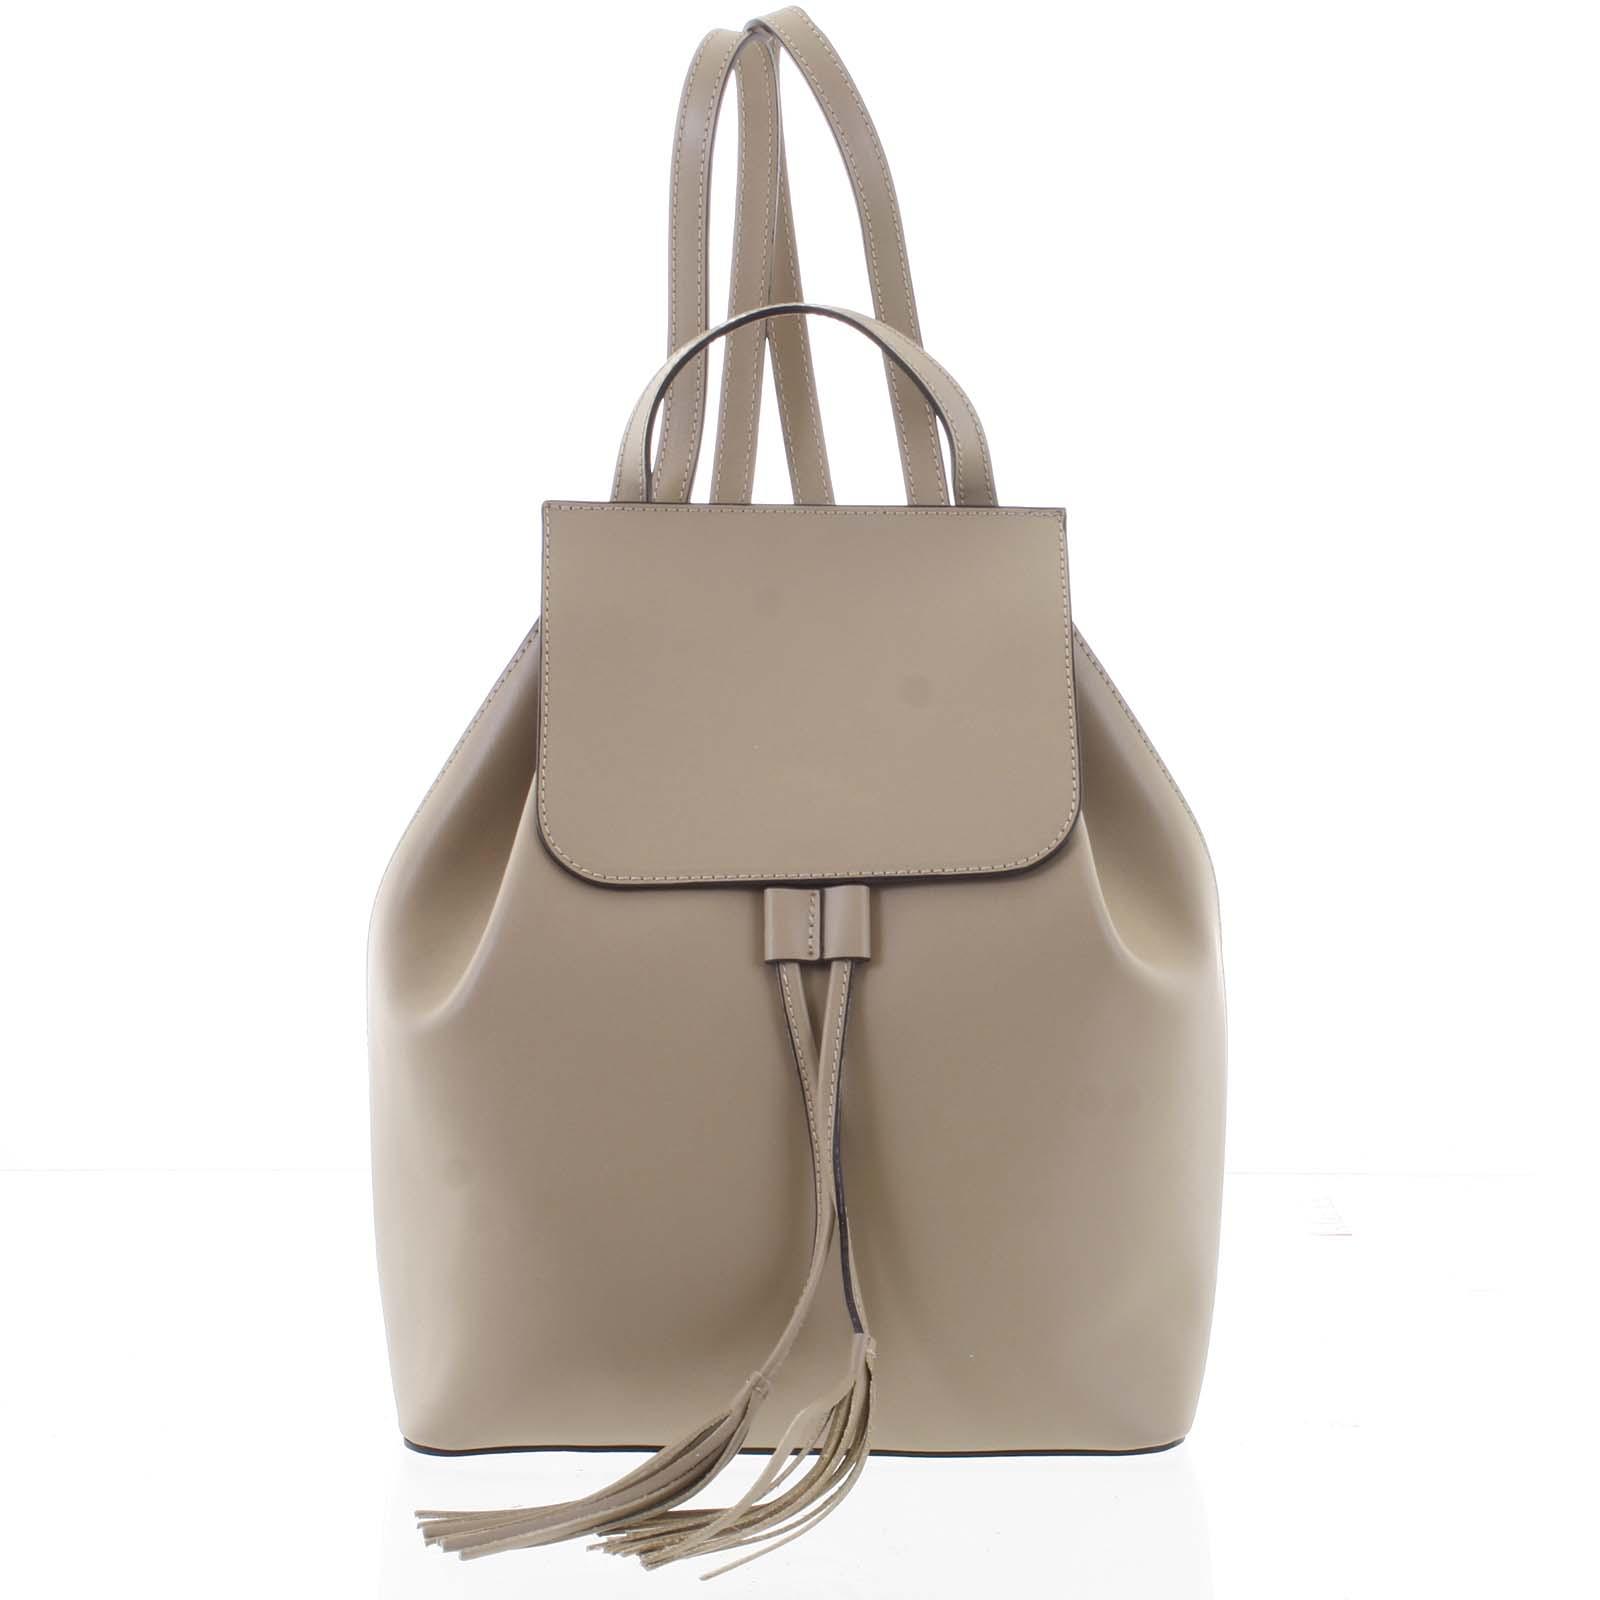 Luxusní dámský batoh taupe kožený - ItalY Adelpha